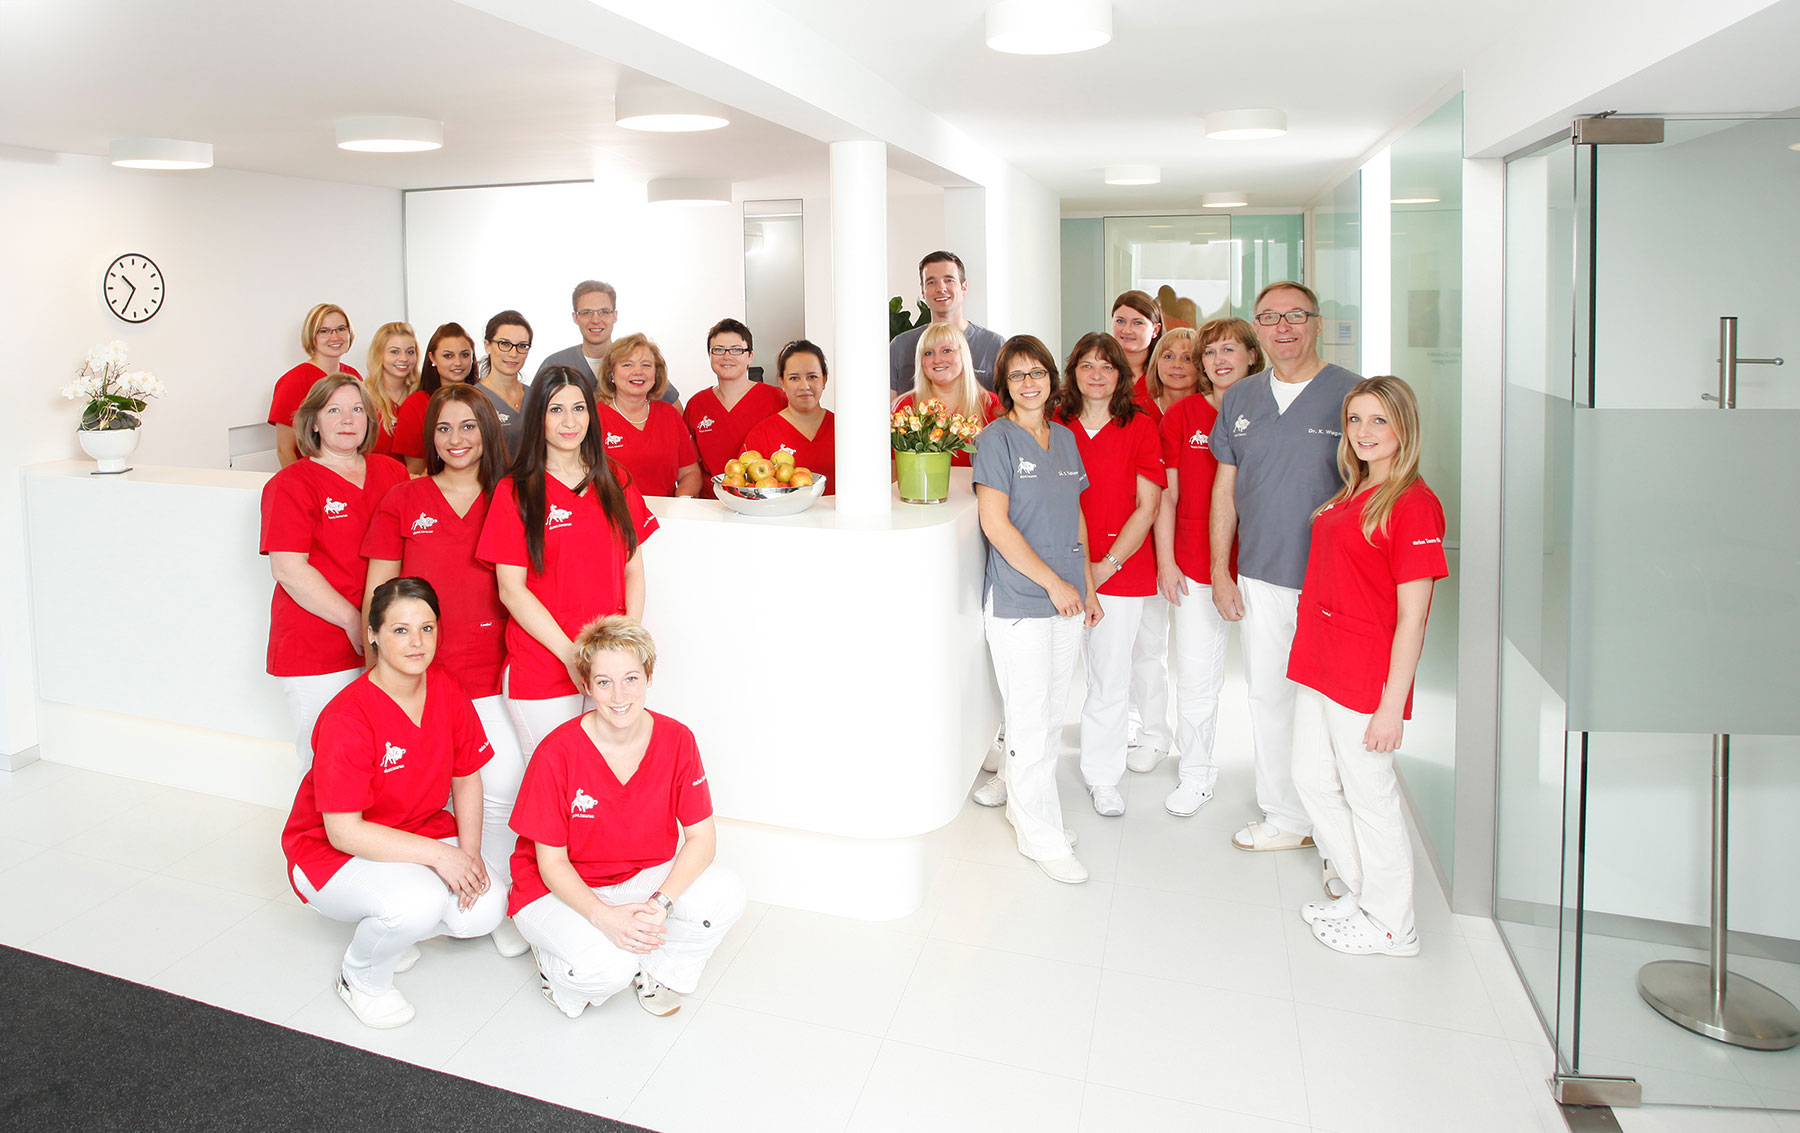 Das Praxisteam von dent.taurus, starkes Team für starke Zähne.